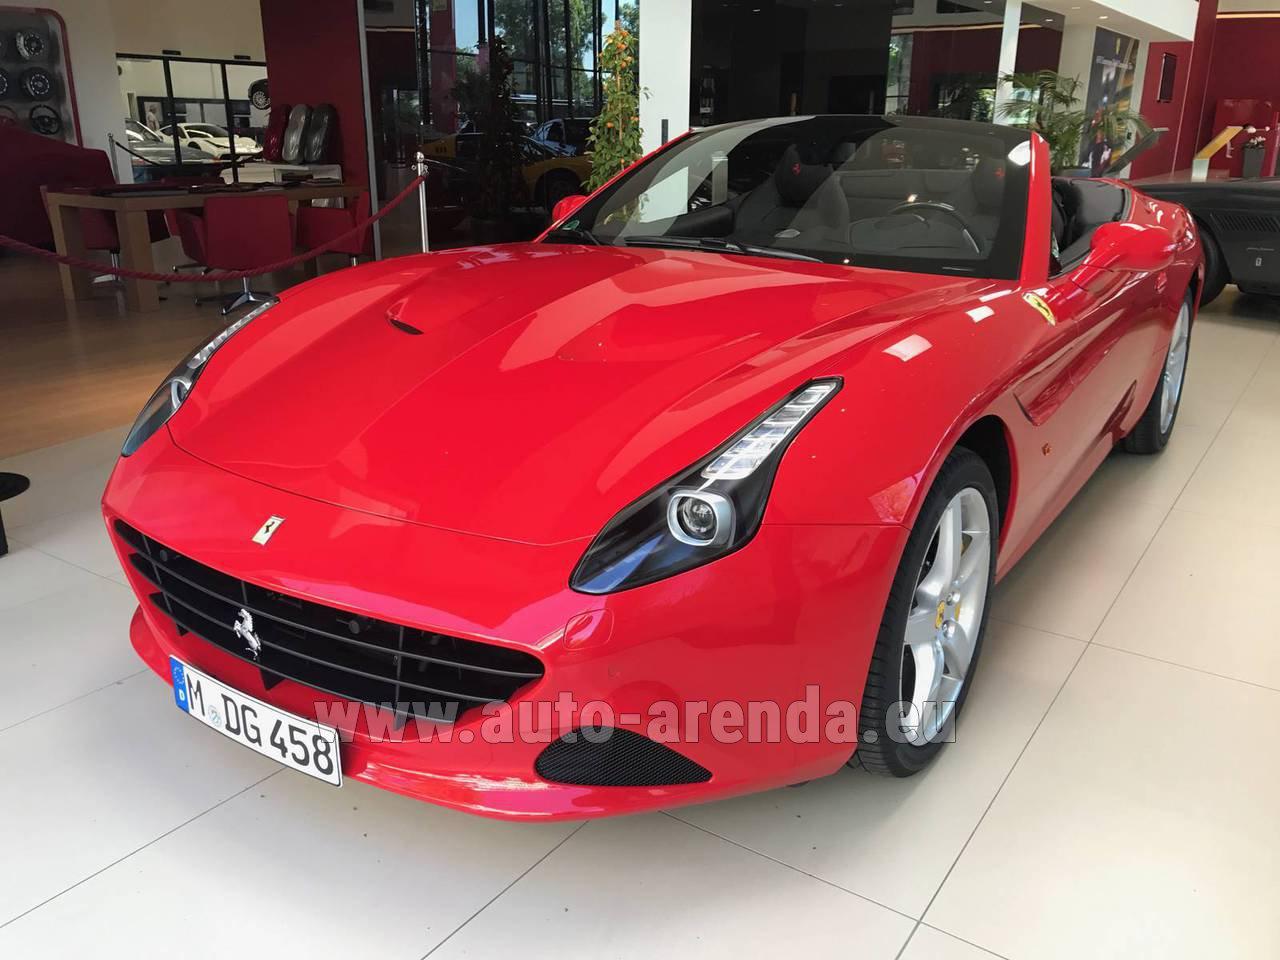 Auto Sale Czech Republic: The Czech Republic Ferrari California T Convertible Red Rental